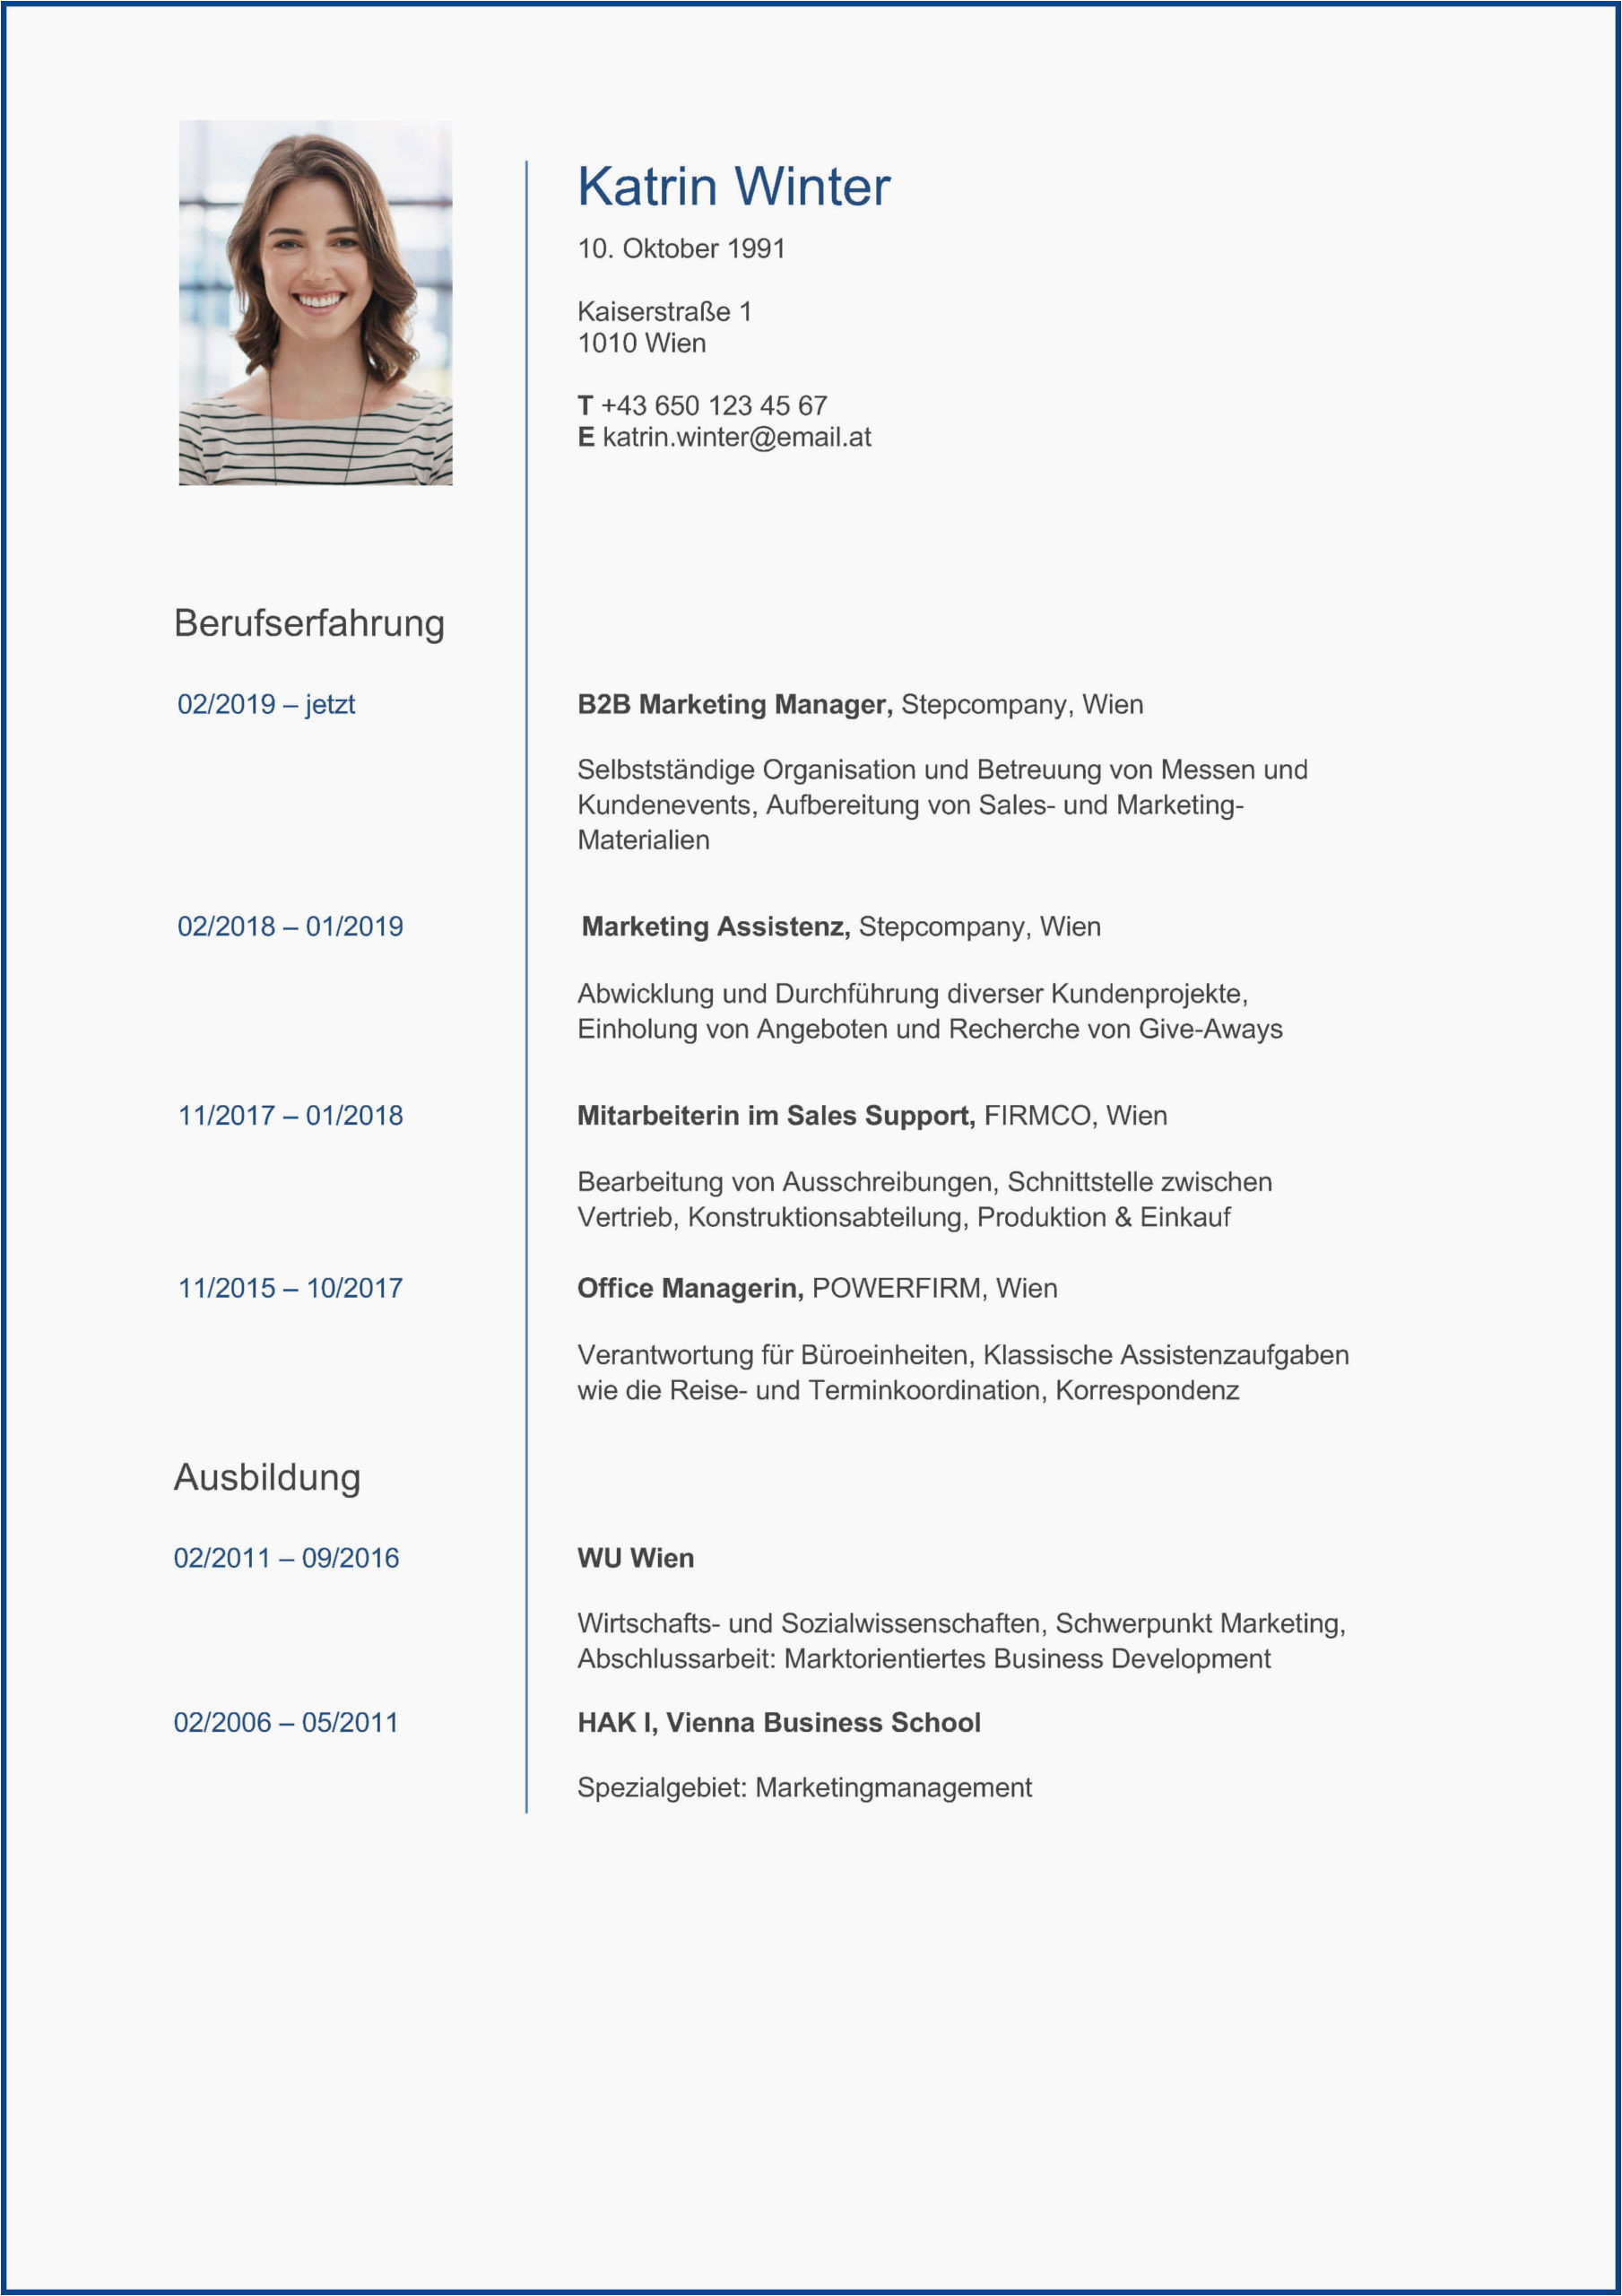 lebenslauf vorlage klassisch pdf kostenlose lebenslauf vorlagen fur word jetzt en of lebenslauf vorlage klassisch pdf